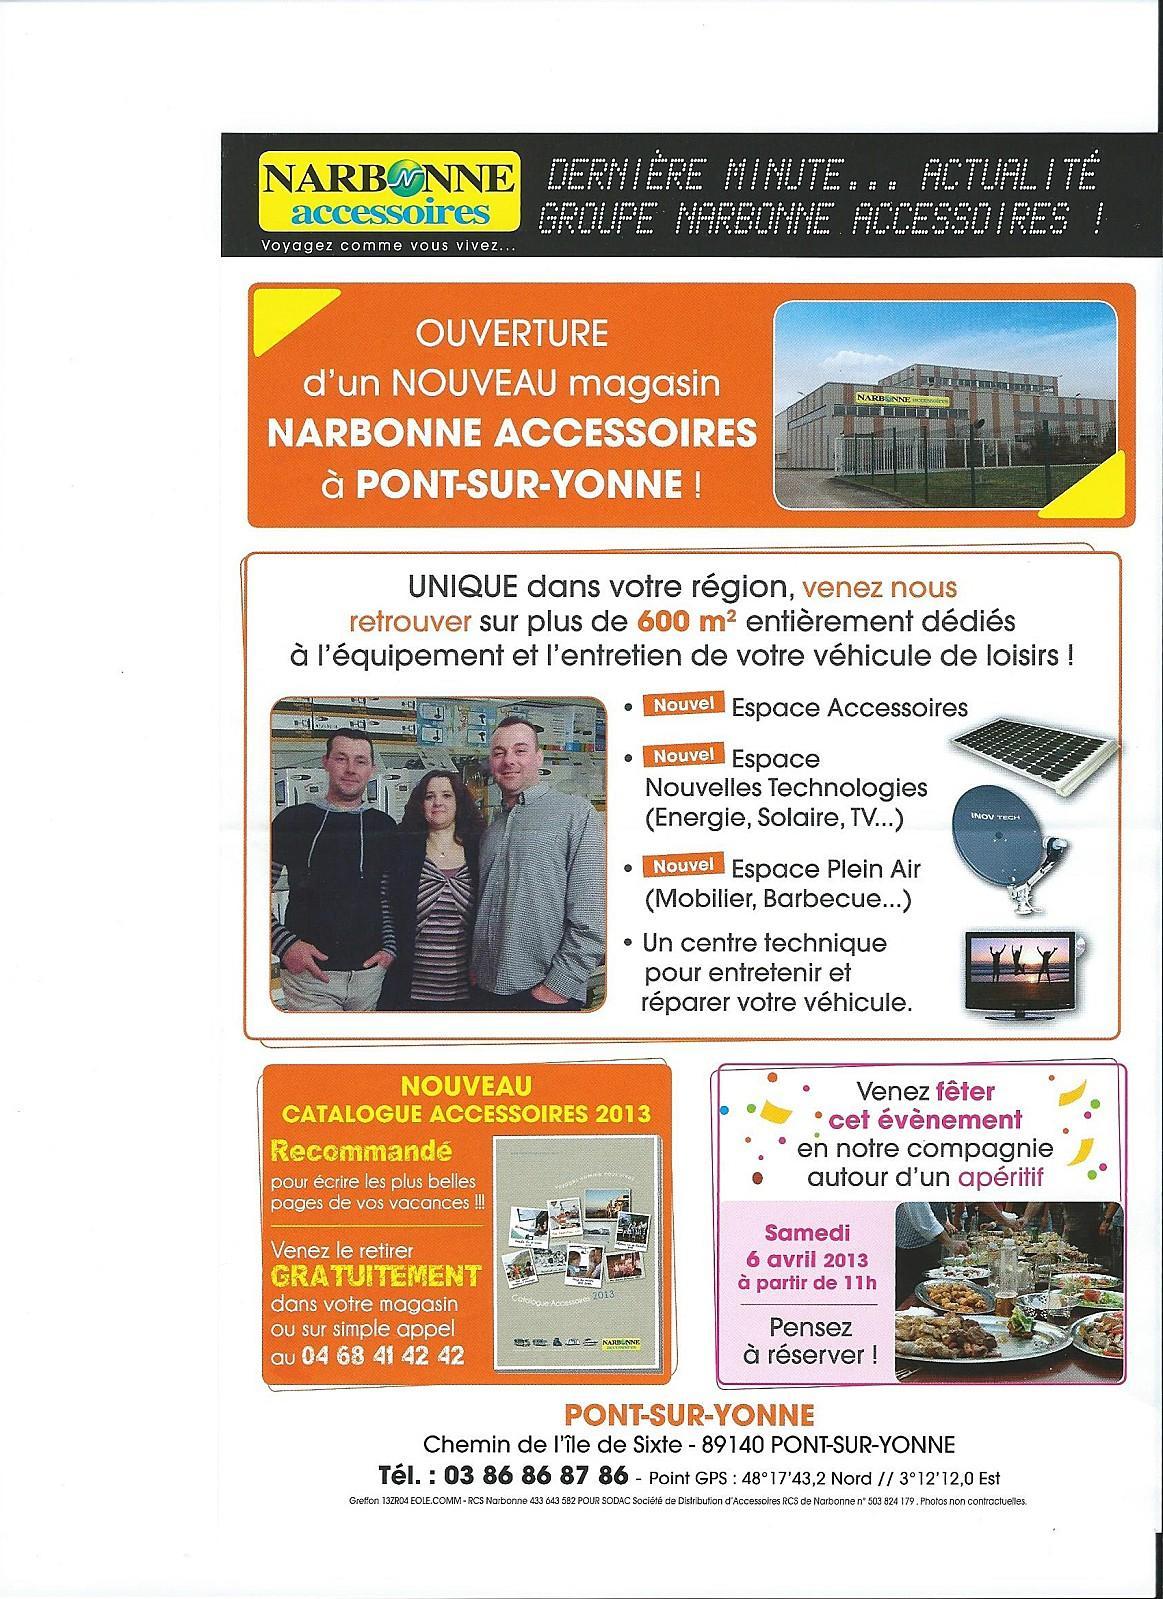 Narbonne accessoires nouveau a pont sur yonne 89140 - Narbonne accesorios ...